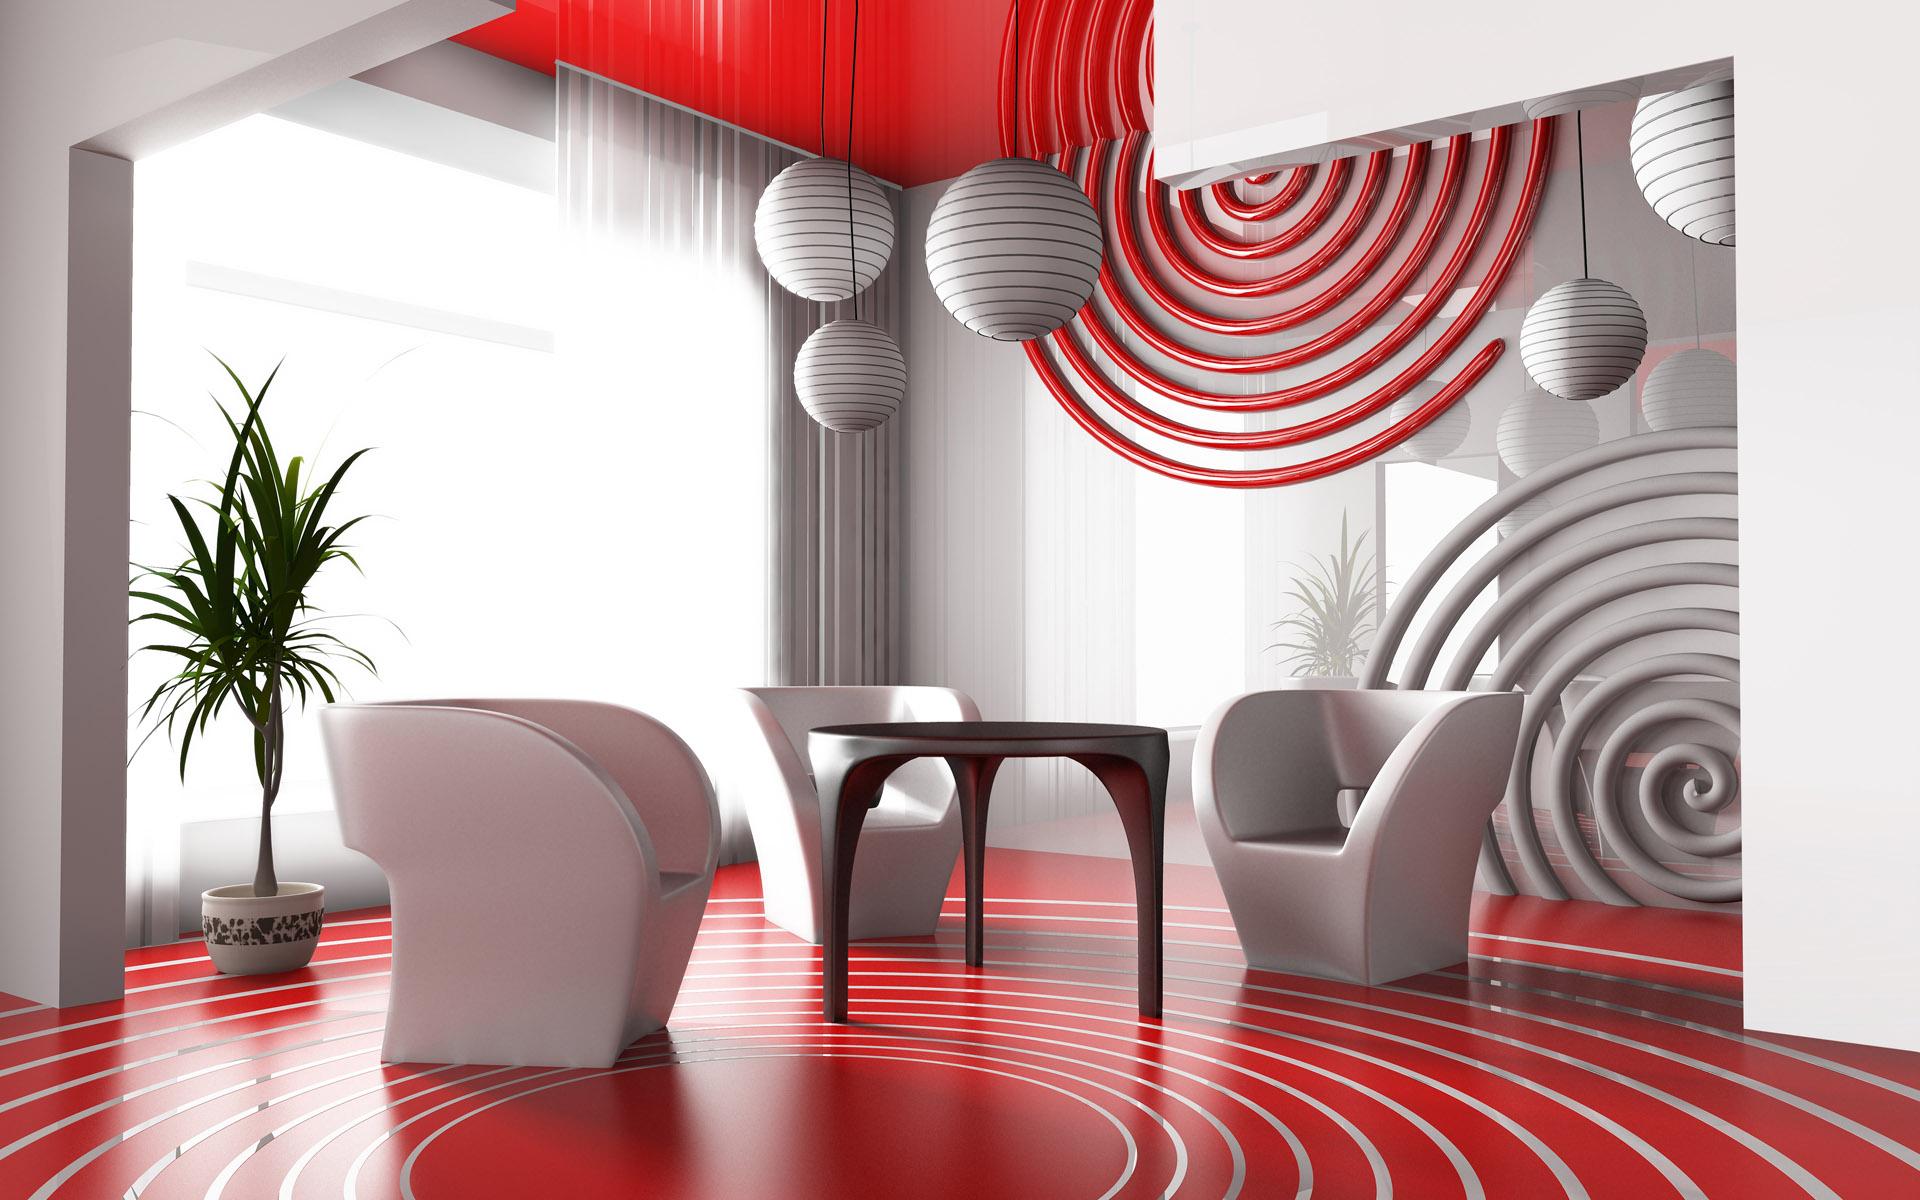 Создай дизайн-интерьера своими руками!Данная программа позволит создать своими руками и при этом бесплатно  дизайн интерьера квартиры, гостиной, спальни, ванной комнаты или кухни